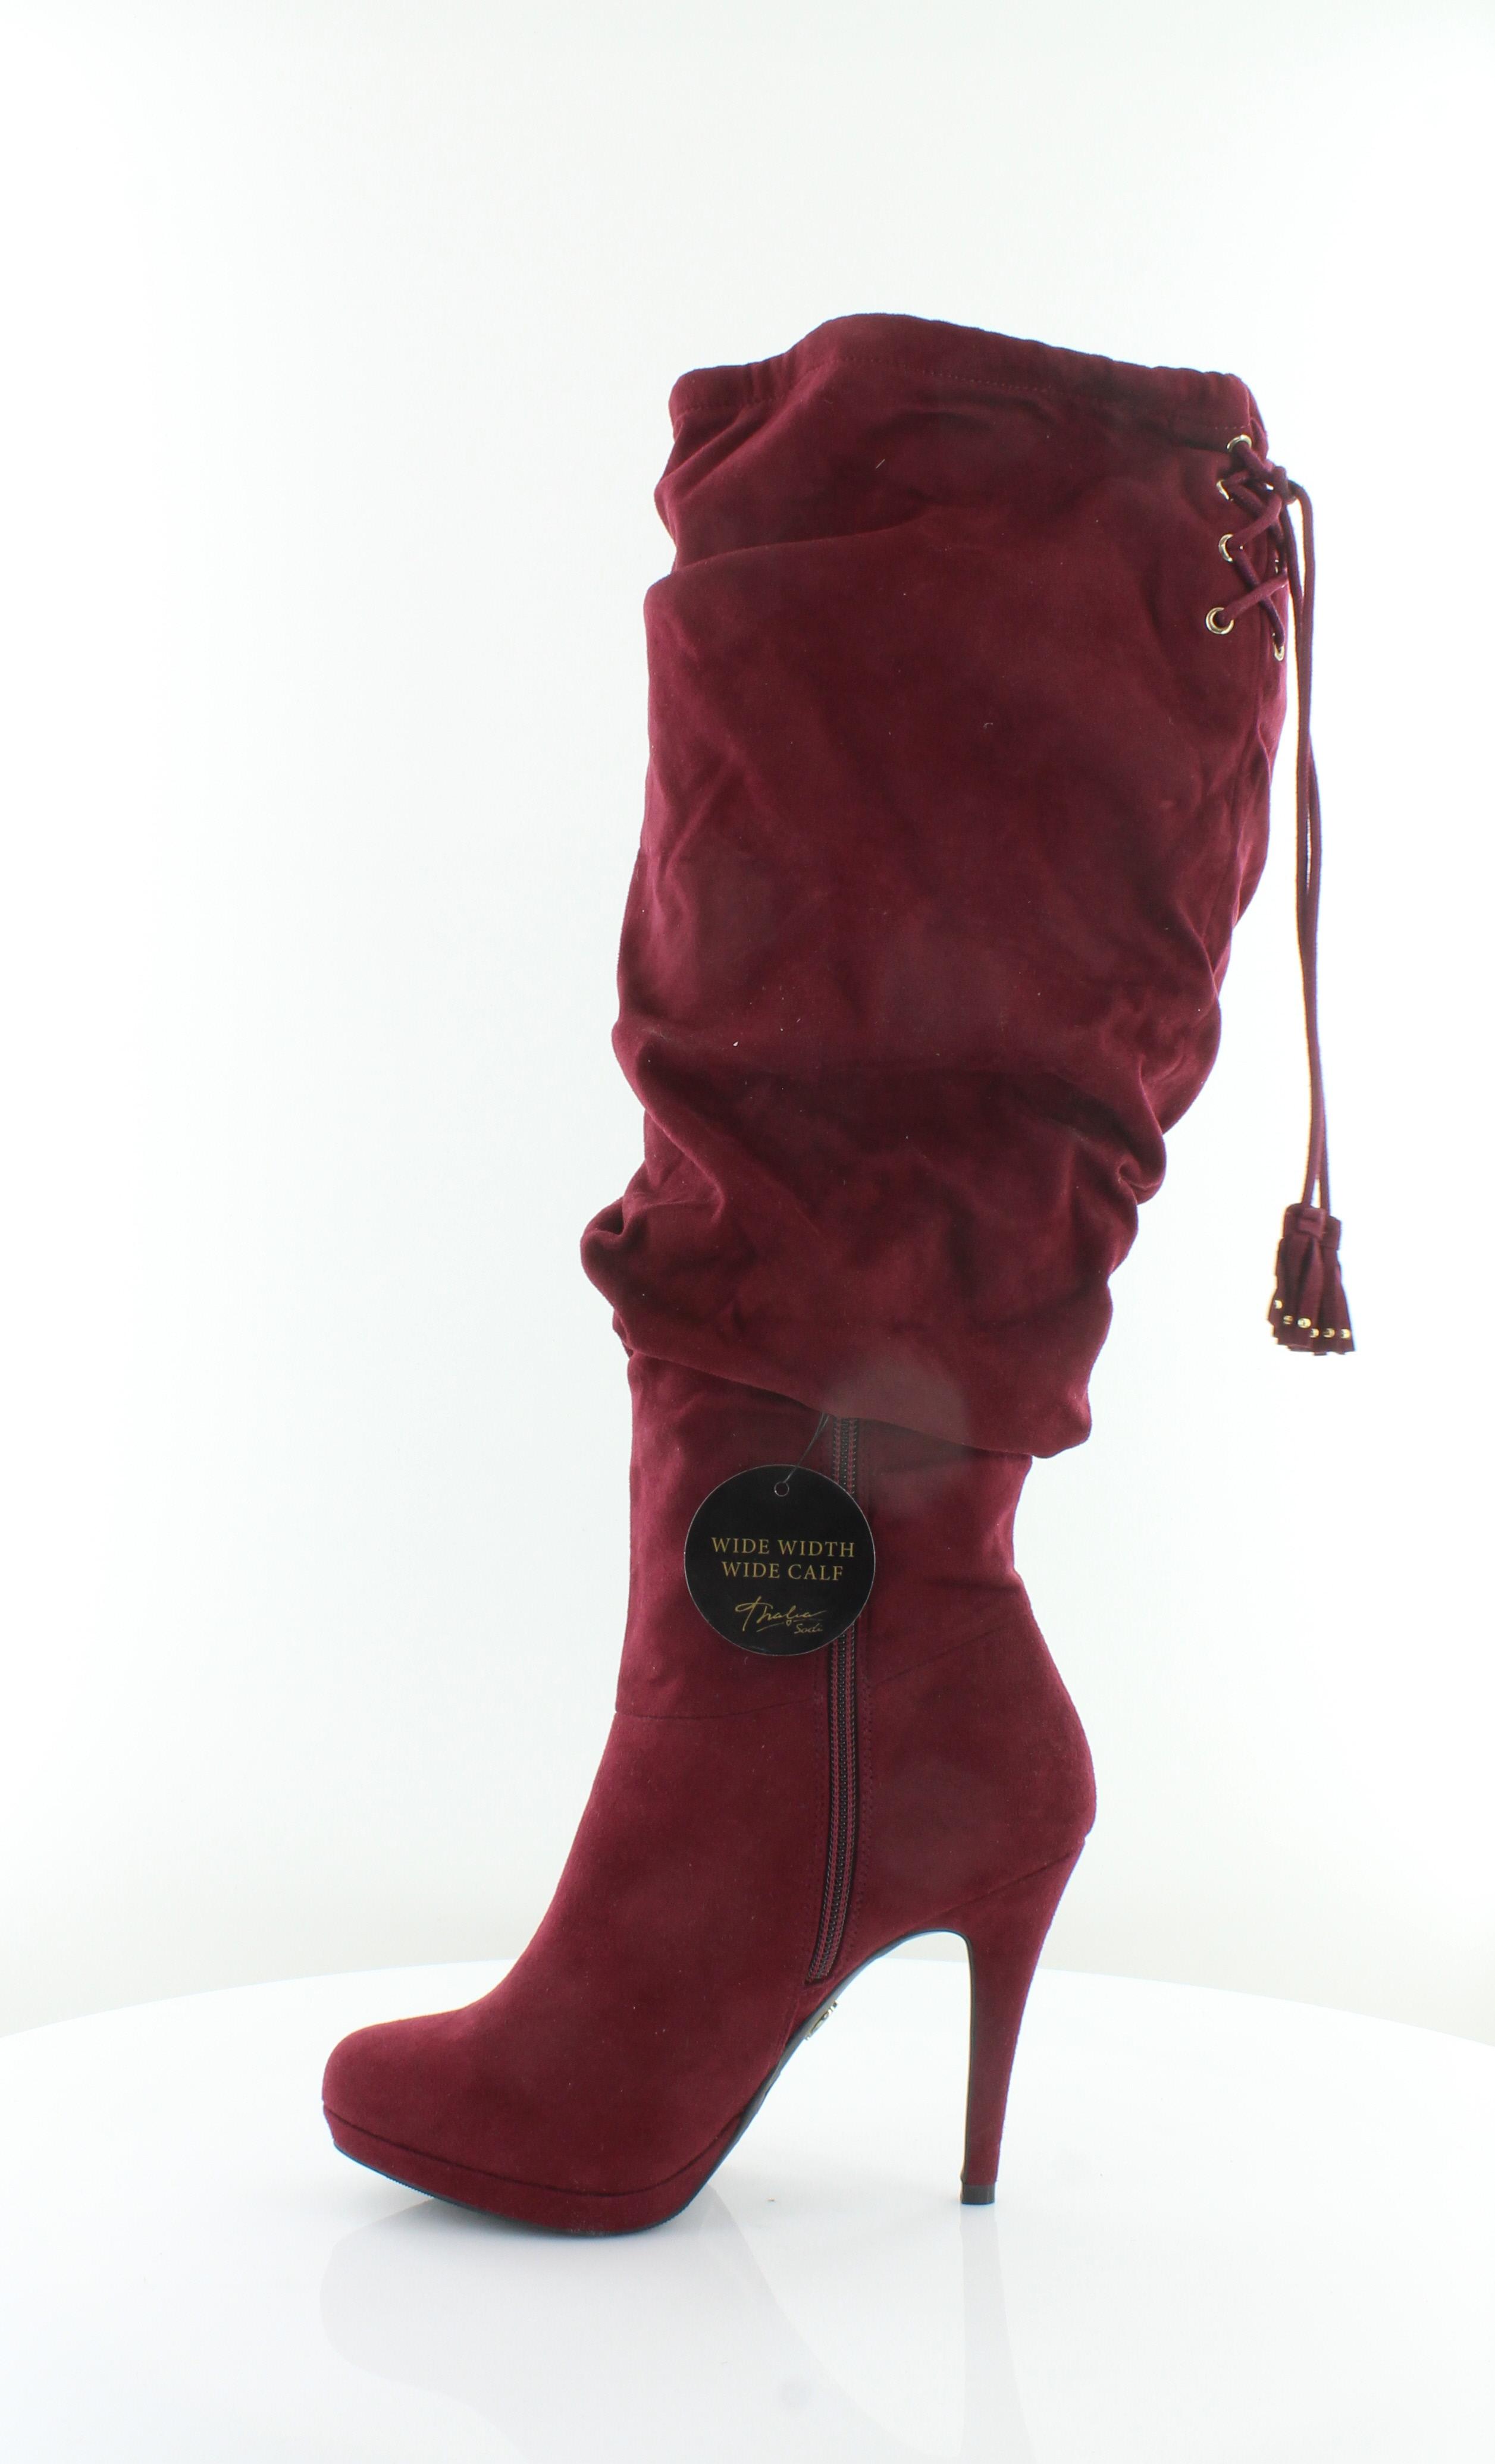 Thalia Sodi Brisa rot damen schuhe Größe Größe Größe 6.5 W Stiefel MSRP  129.99 852cc7